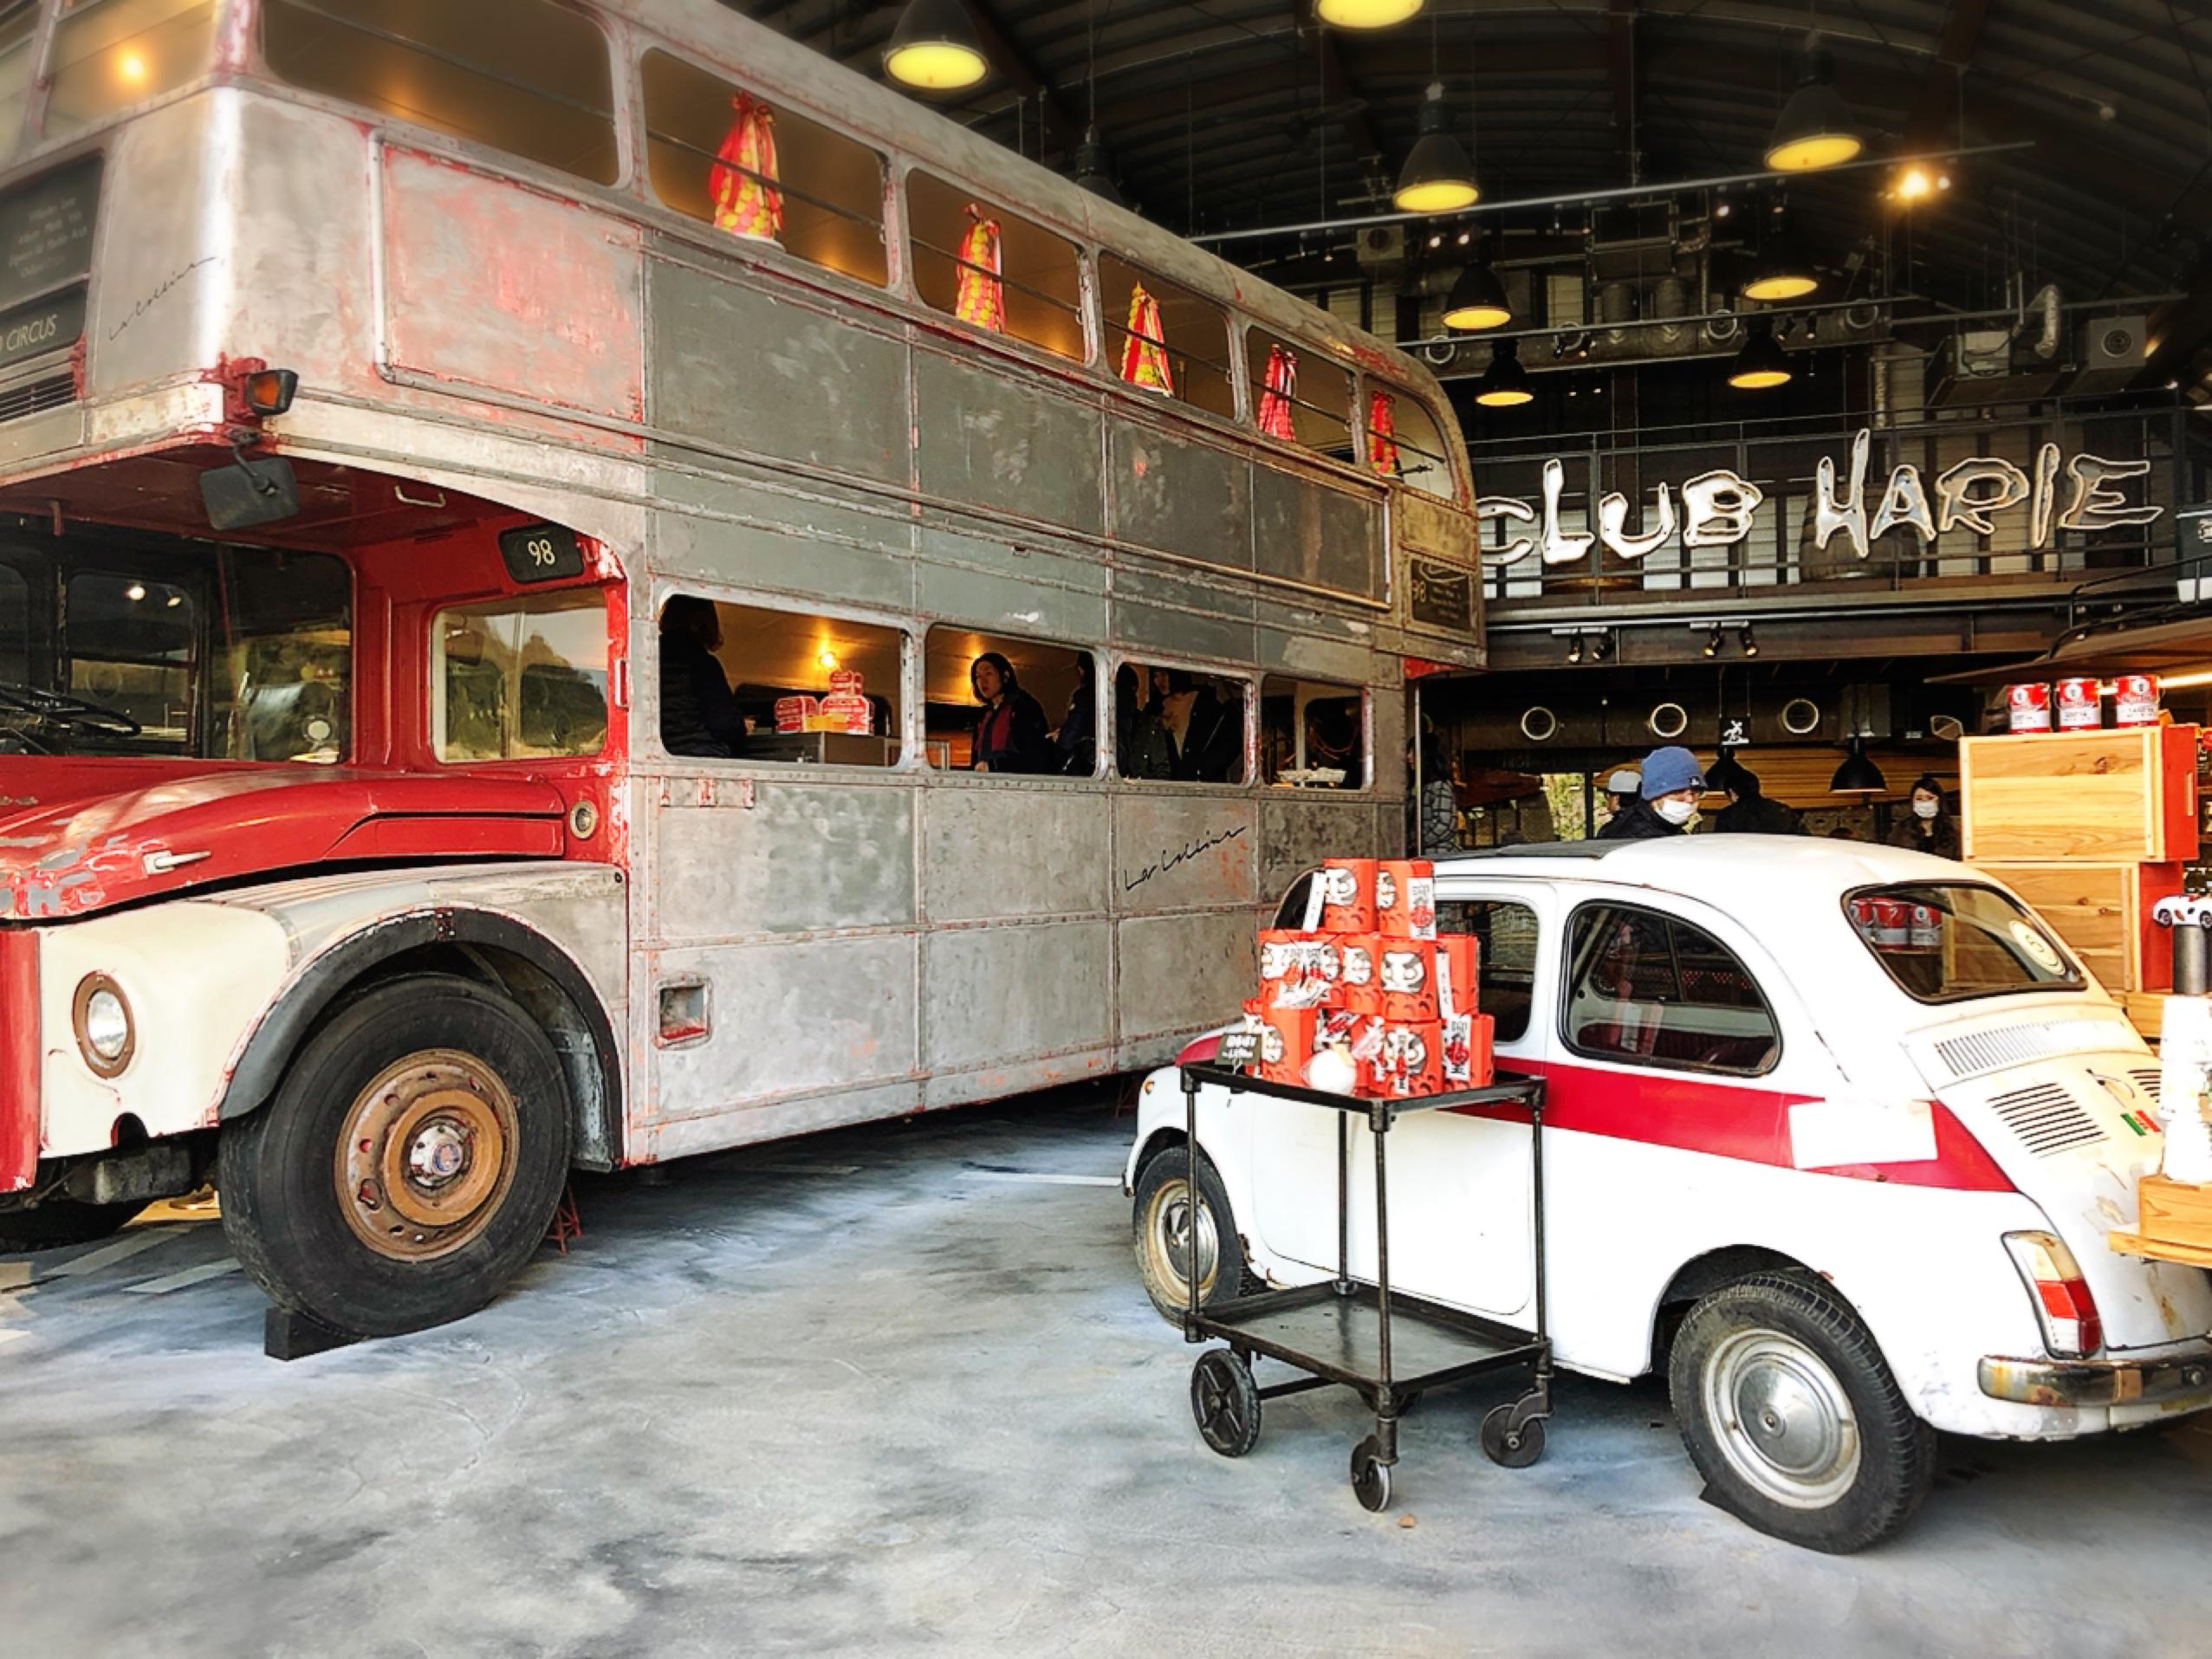 【#滋賀】《NEW YEAR ver.》CLUB HARIE♡ジブリ作品のような外観&壁画アートが魅力のラコリーナに行ってきました!_5